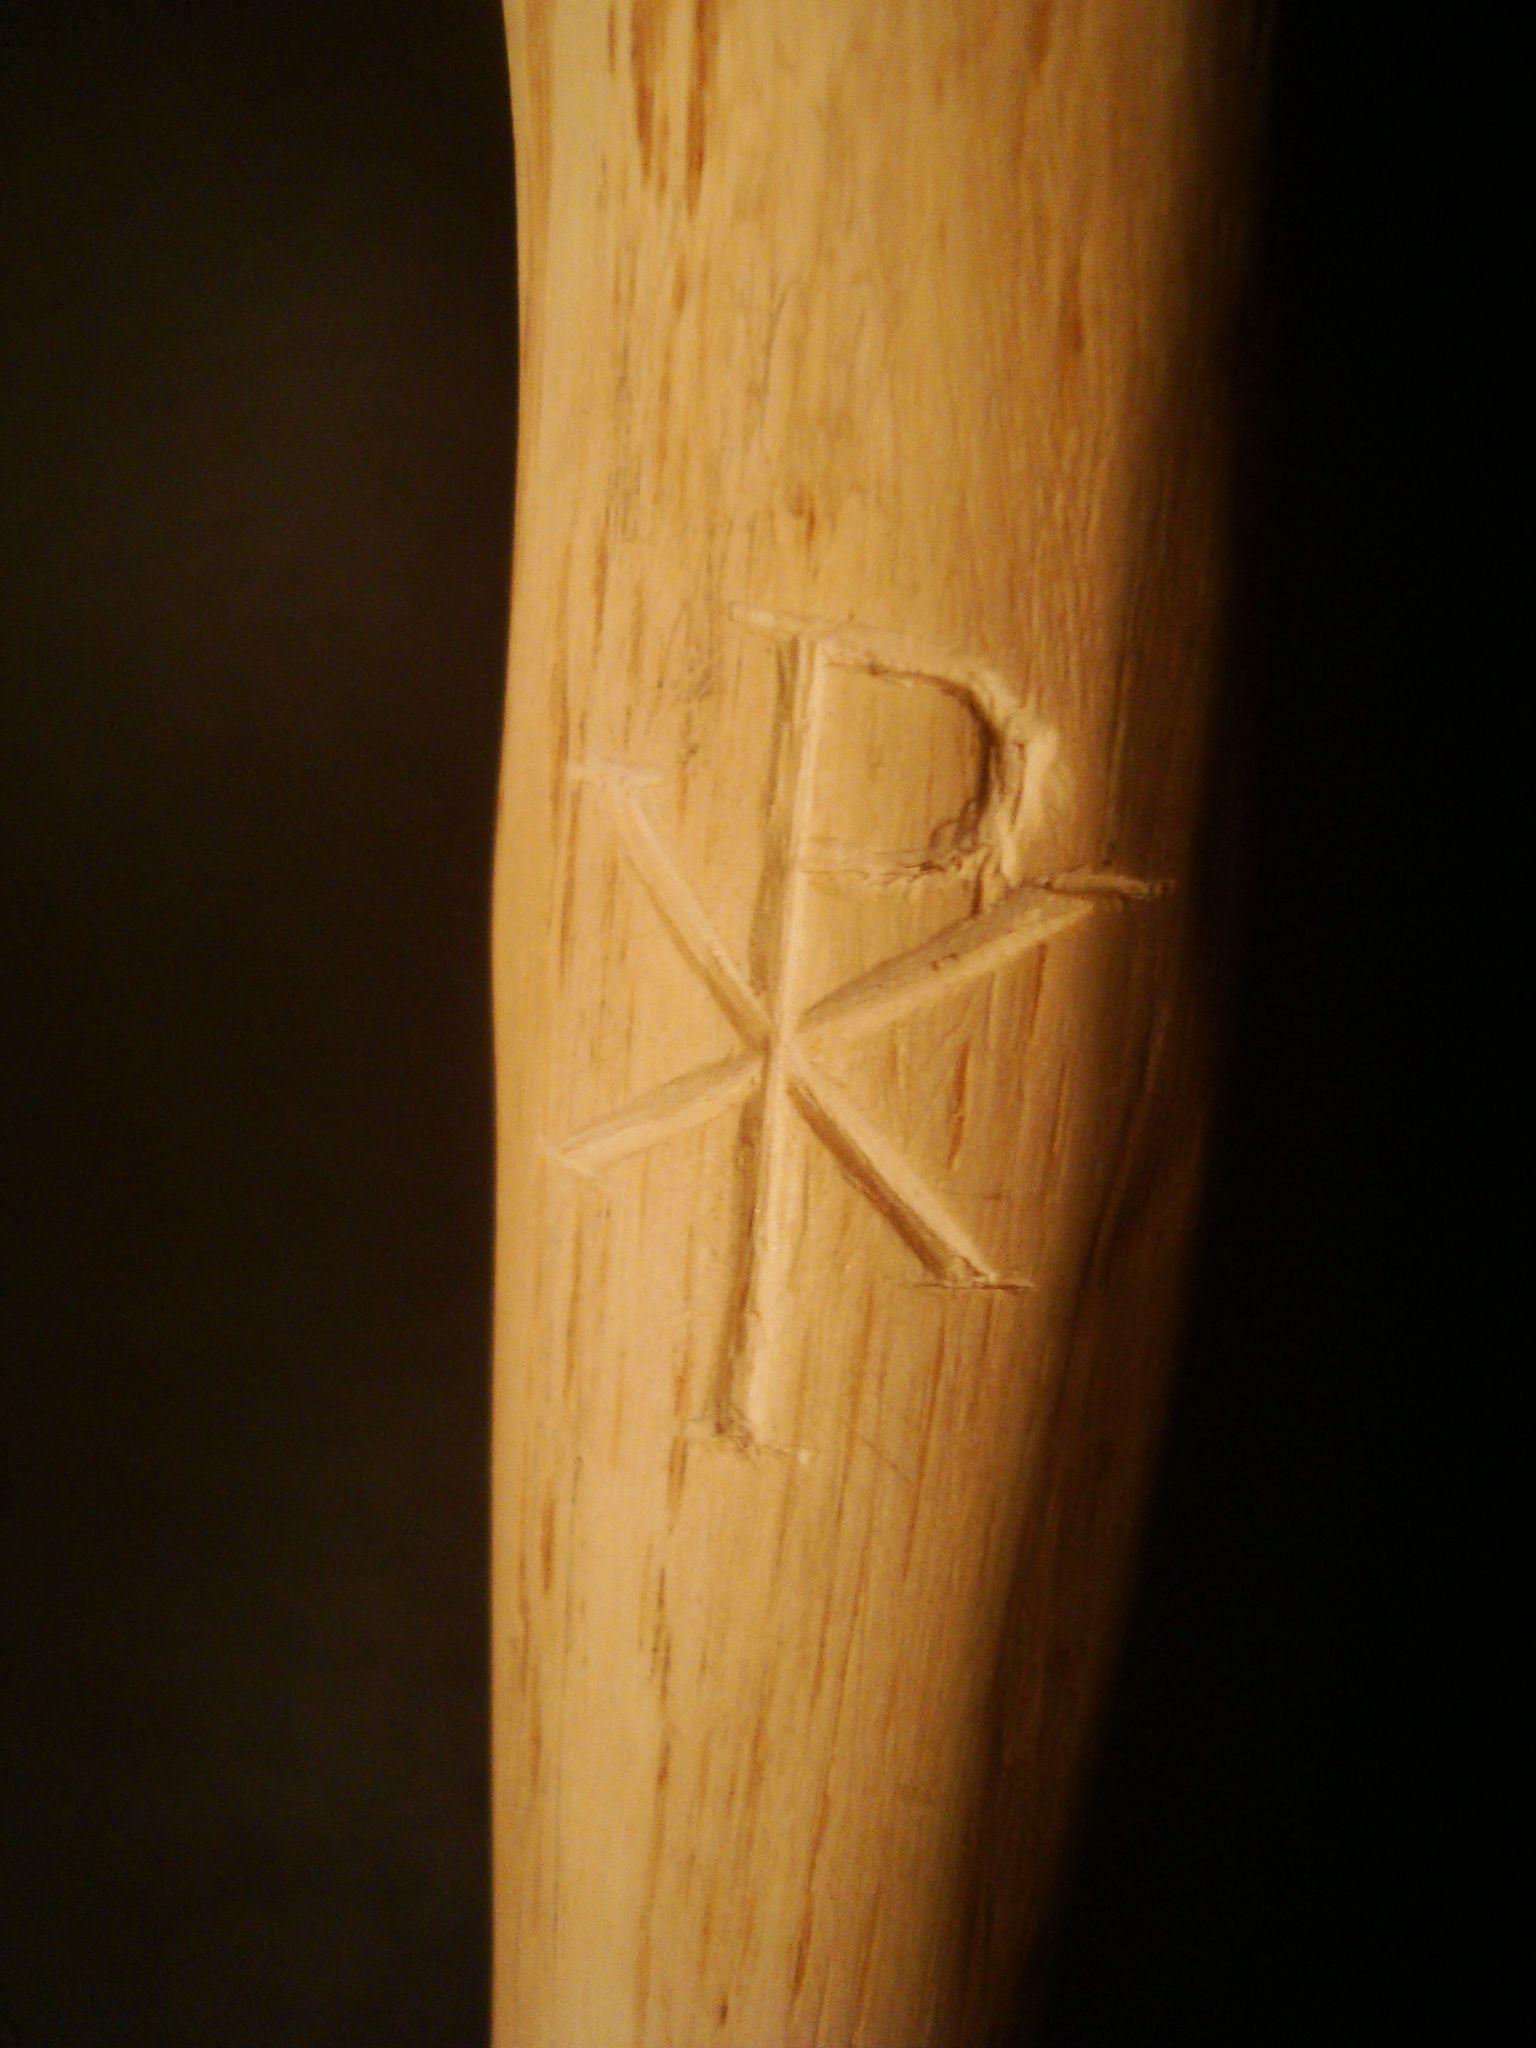 Eingeschnitztes Christus-Monogramm in meinem mittelalterlichen Wanderstab --- walking staff with carved monogram of Christ